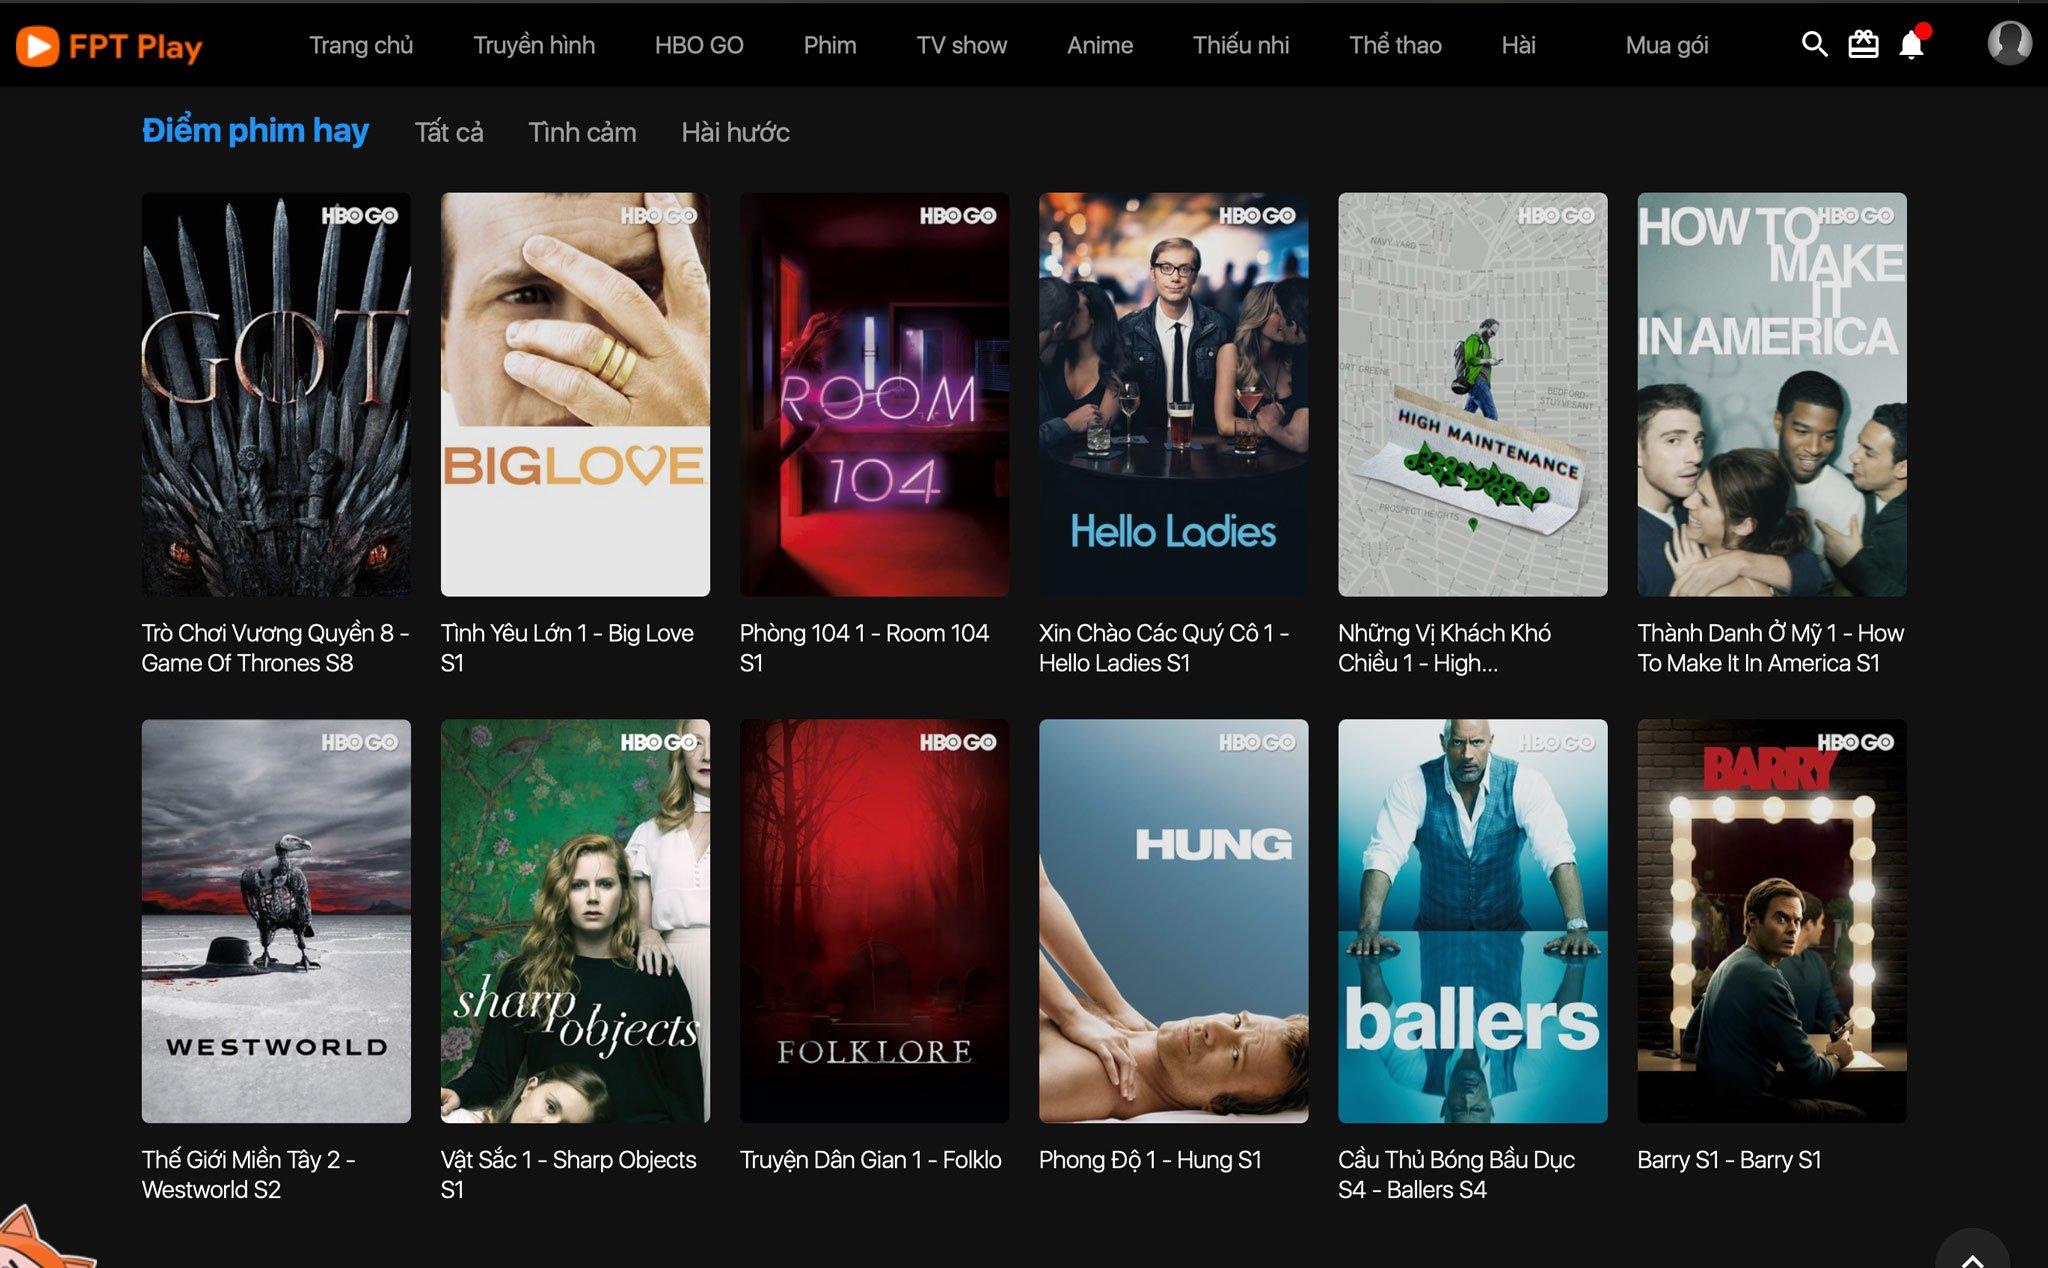 Phim của HBO GO đã có mặt trên FPT Play, đang cho xem thử miễn phí ...